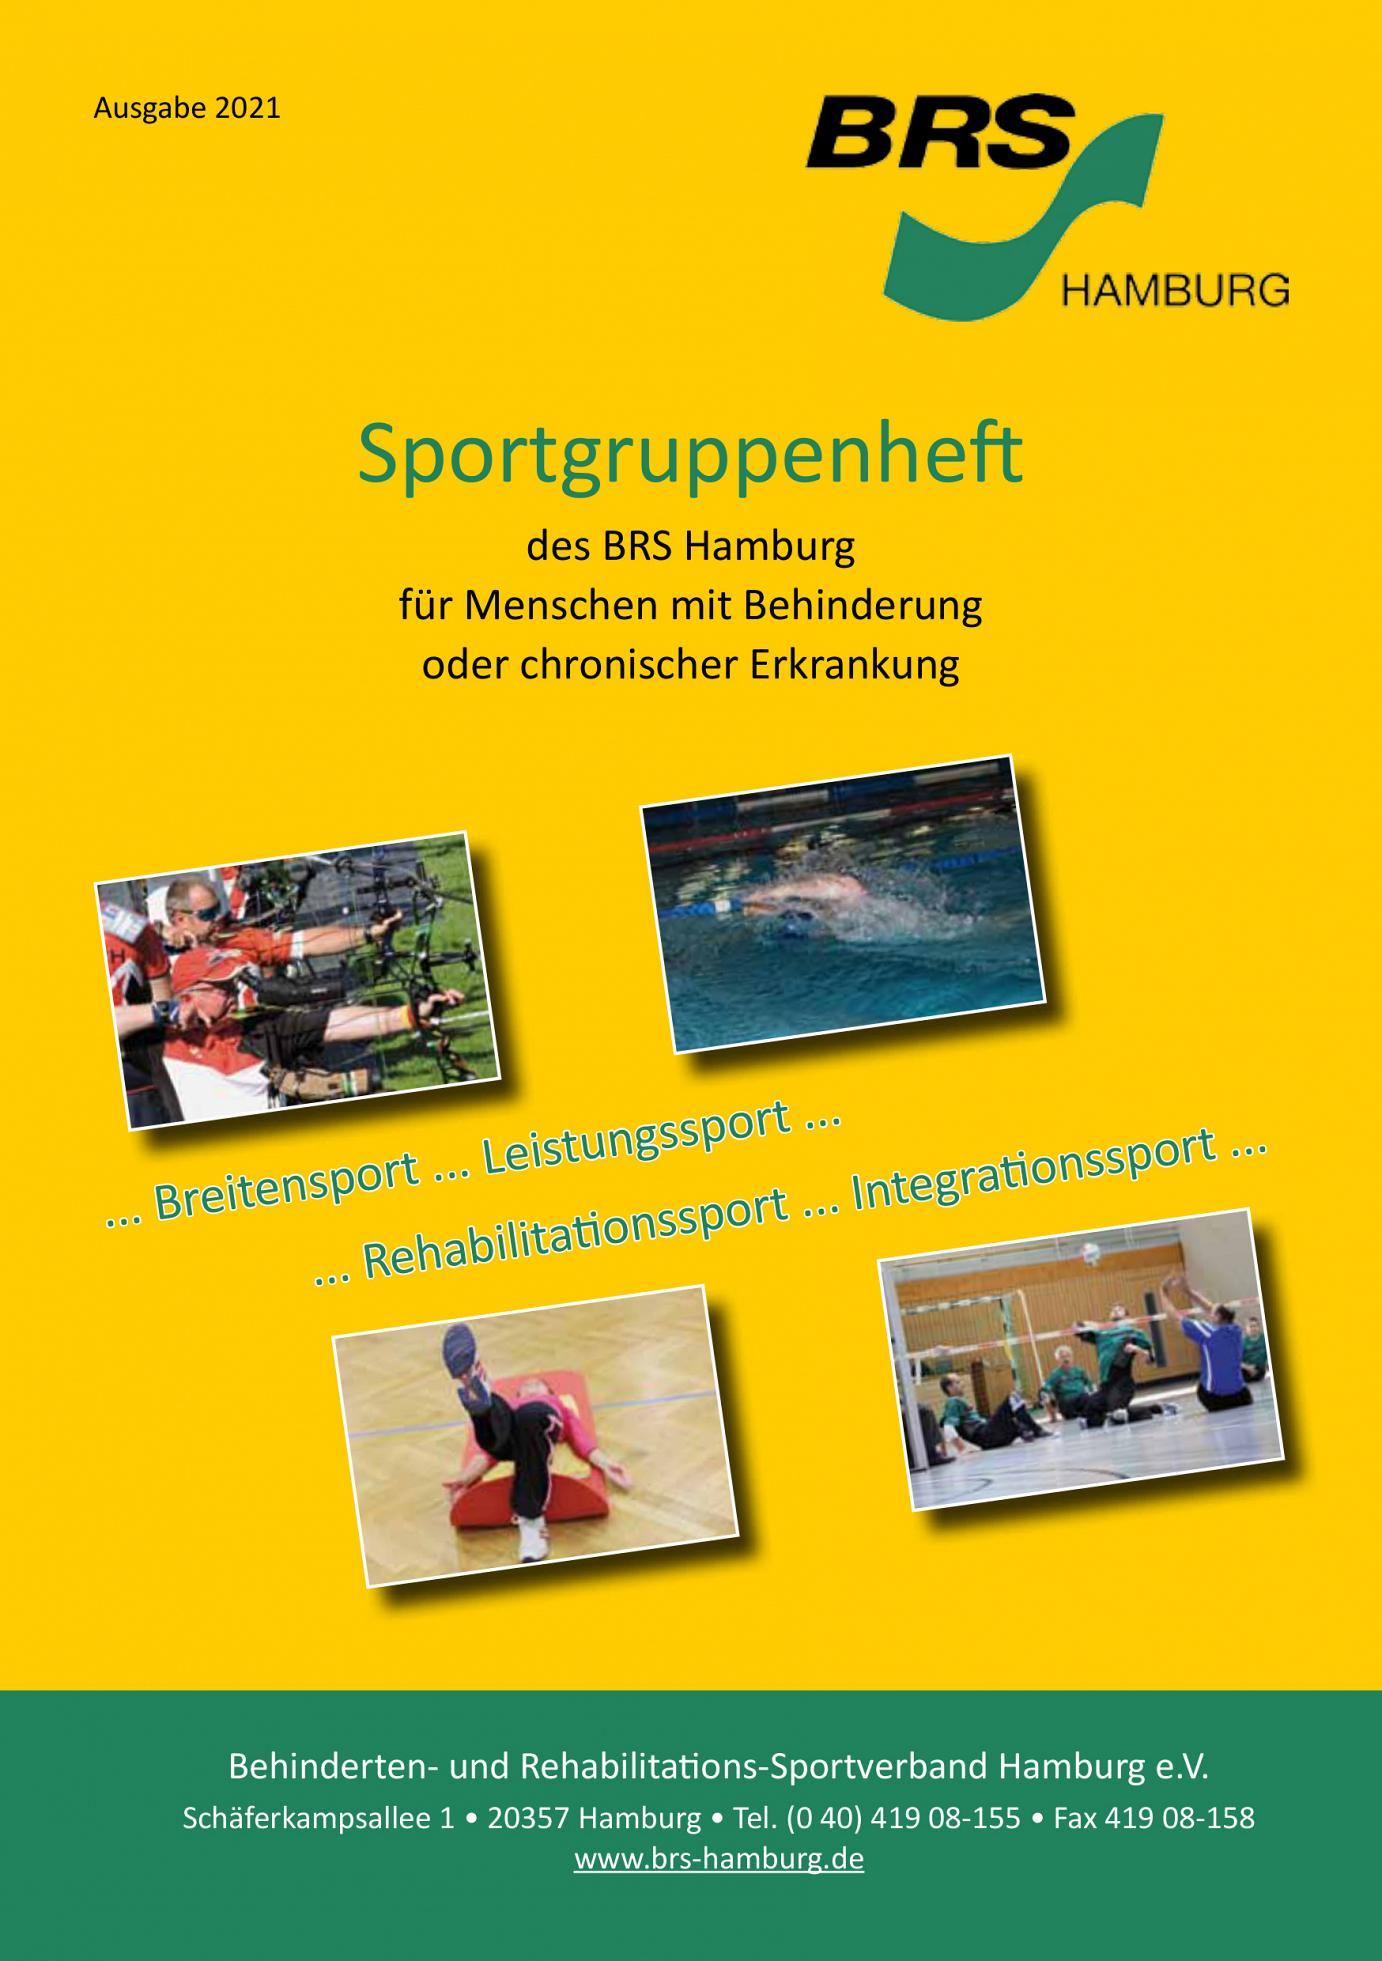 Titelseite des Sportgruppenhefts 2021